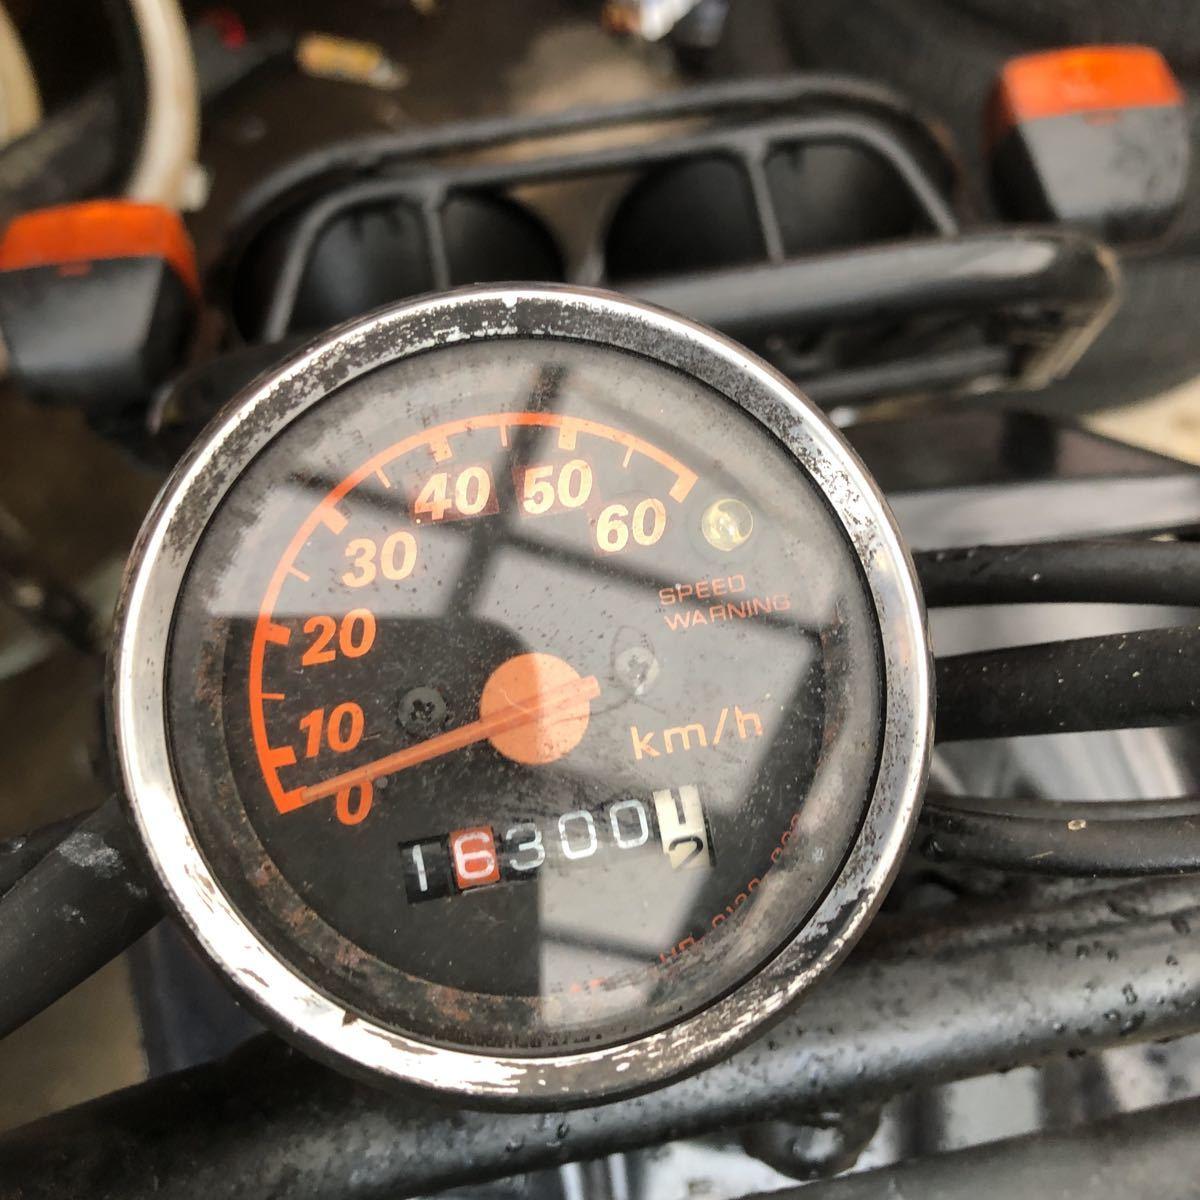 「鹿児島発 ホンダズーマー 不動ベース車両 新品パーツ付きでエンジン実働でした 要修理です」の画像3